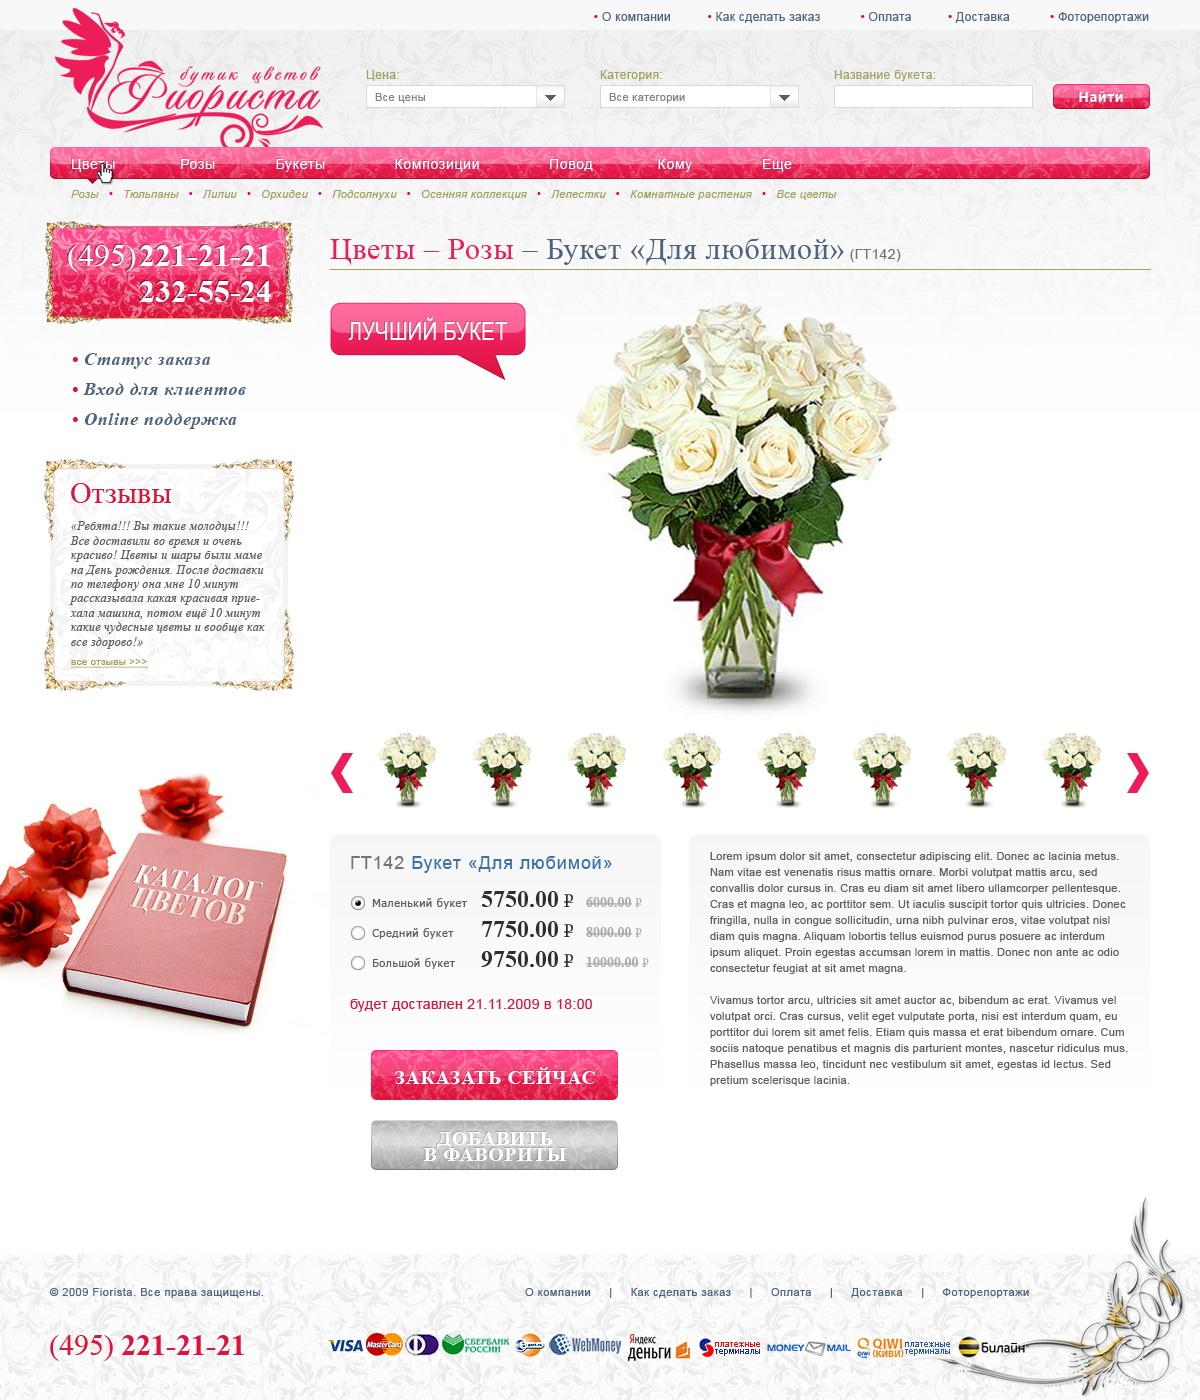 Интернет-магазин продажи цветов Фиориста